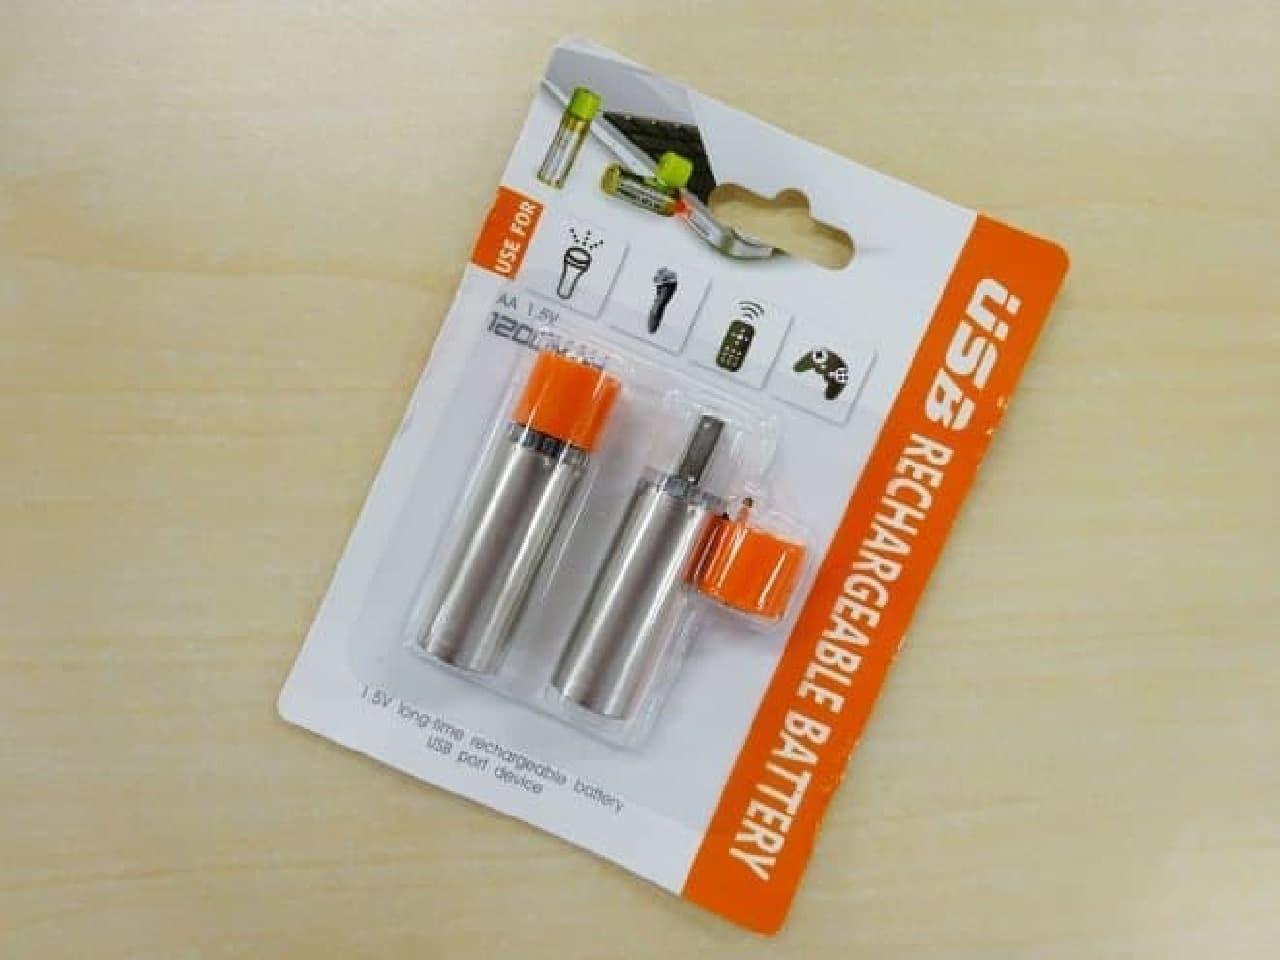 USBポートに直挿しできる単3型充電池「USB Rechargeable Battery」